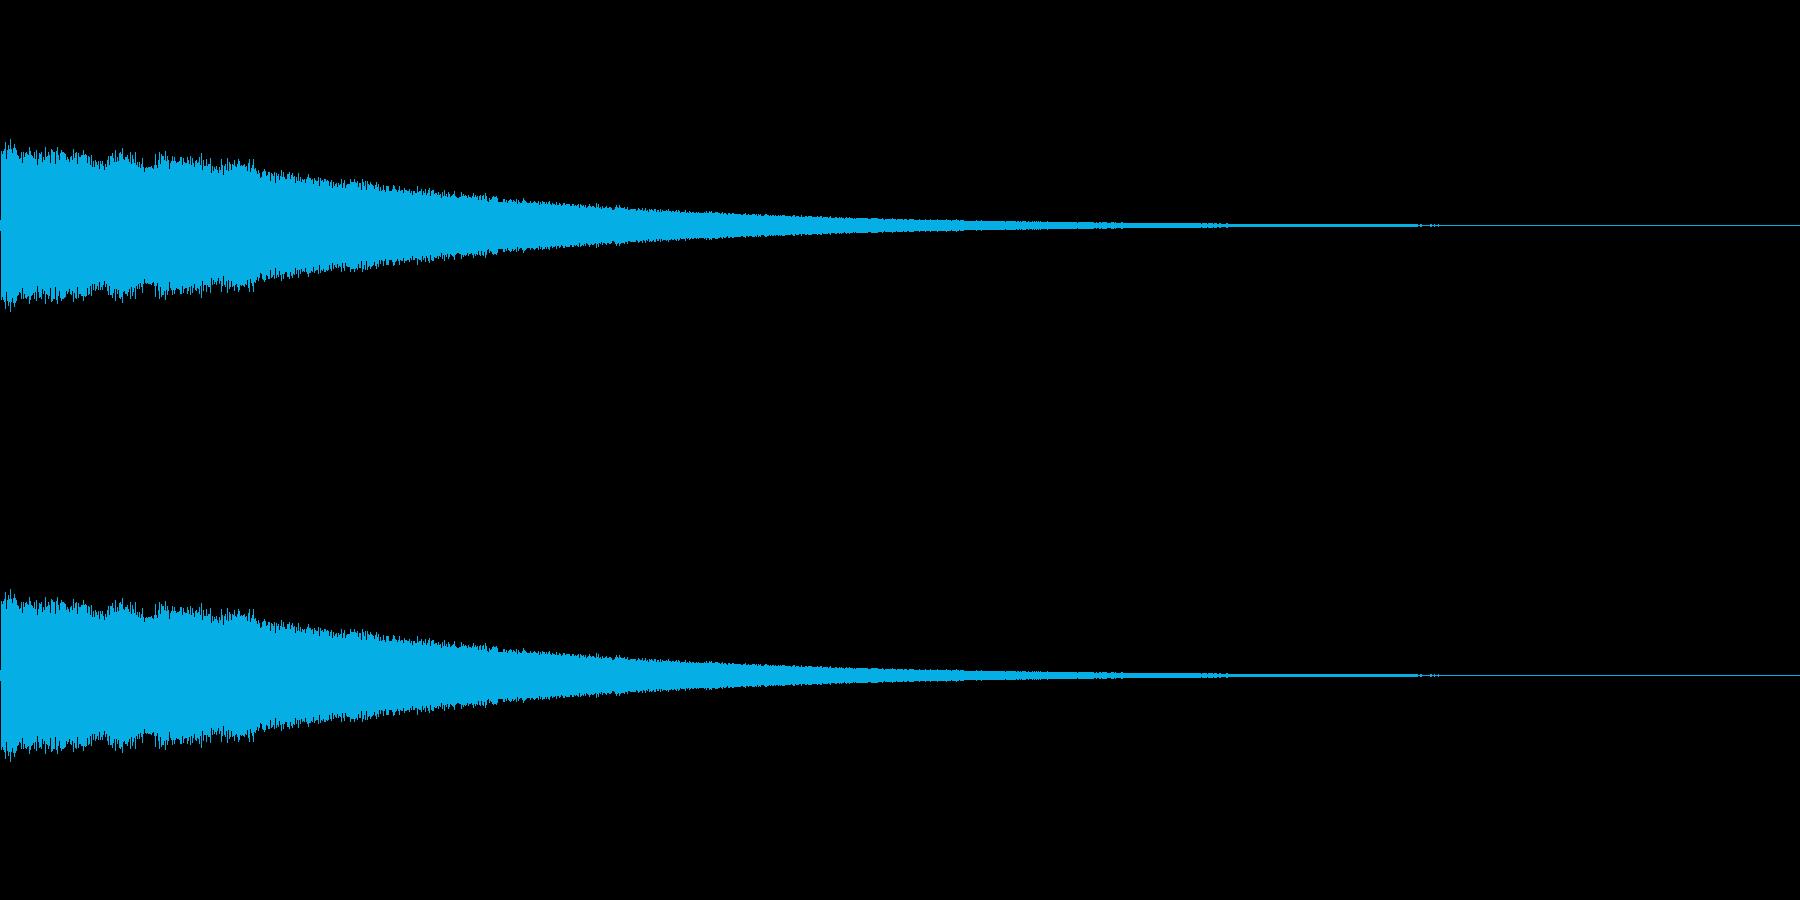 ぴよぴよ…(気絶・目が回る際の効果音)の再生済みの波形